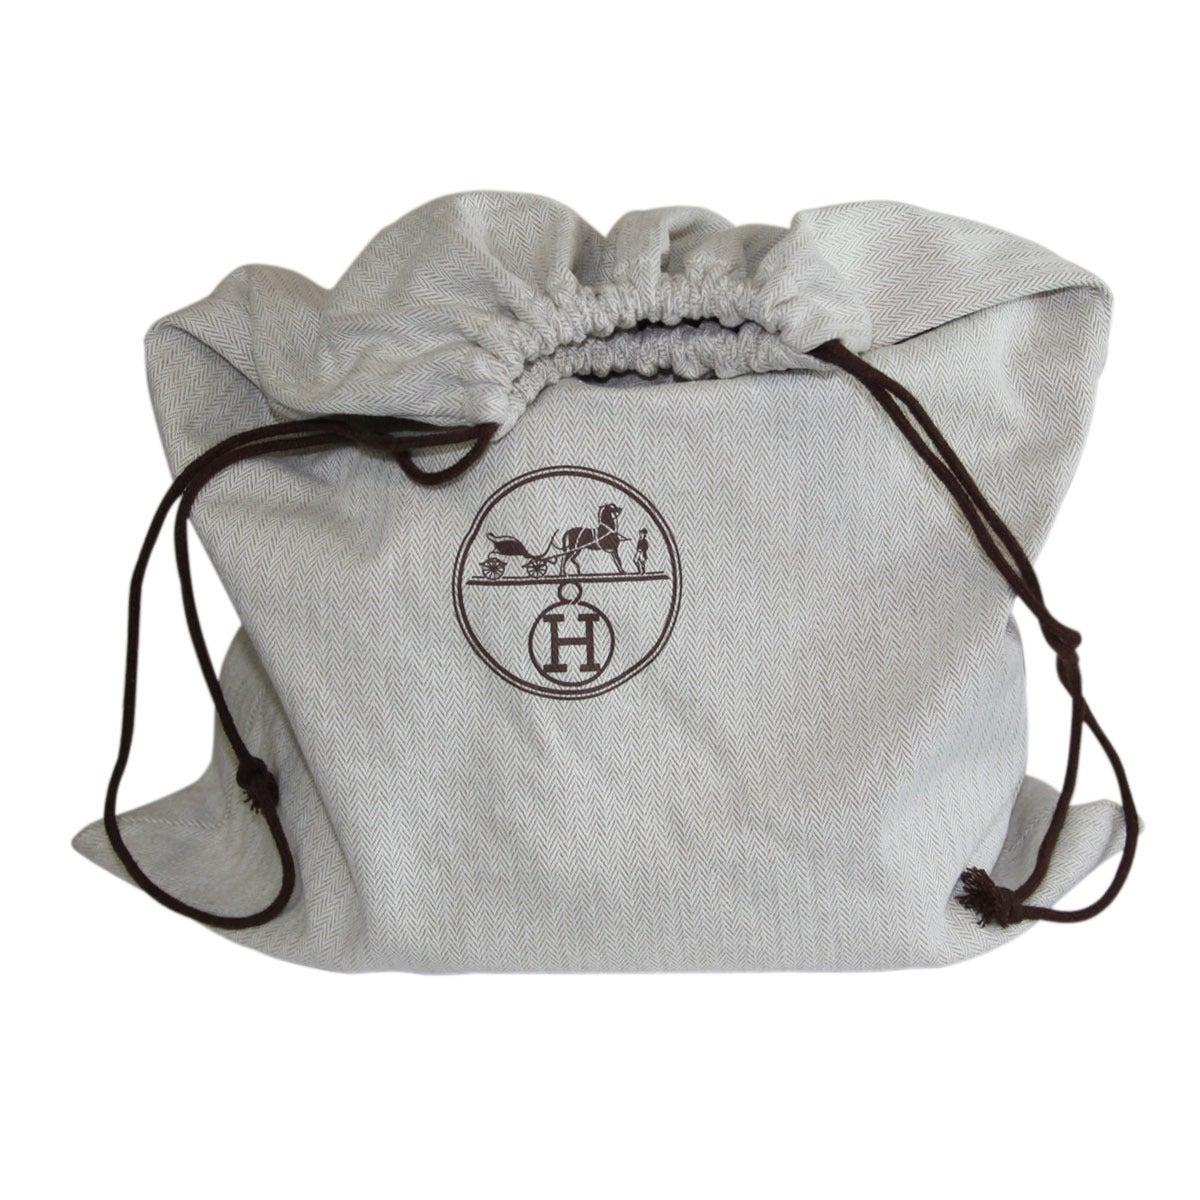 hermes bags - hermes hermes picotin pm tote bag dark brown